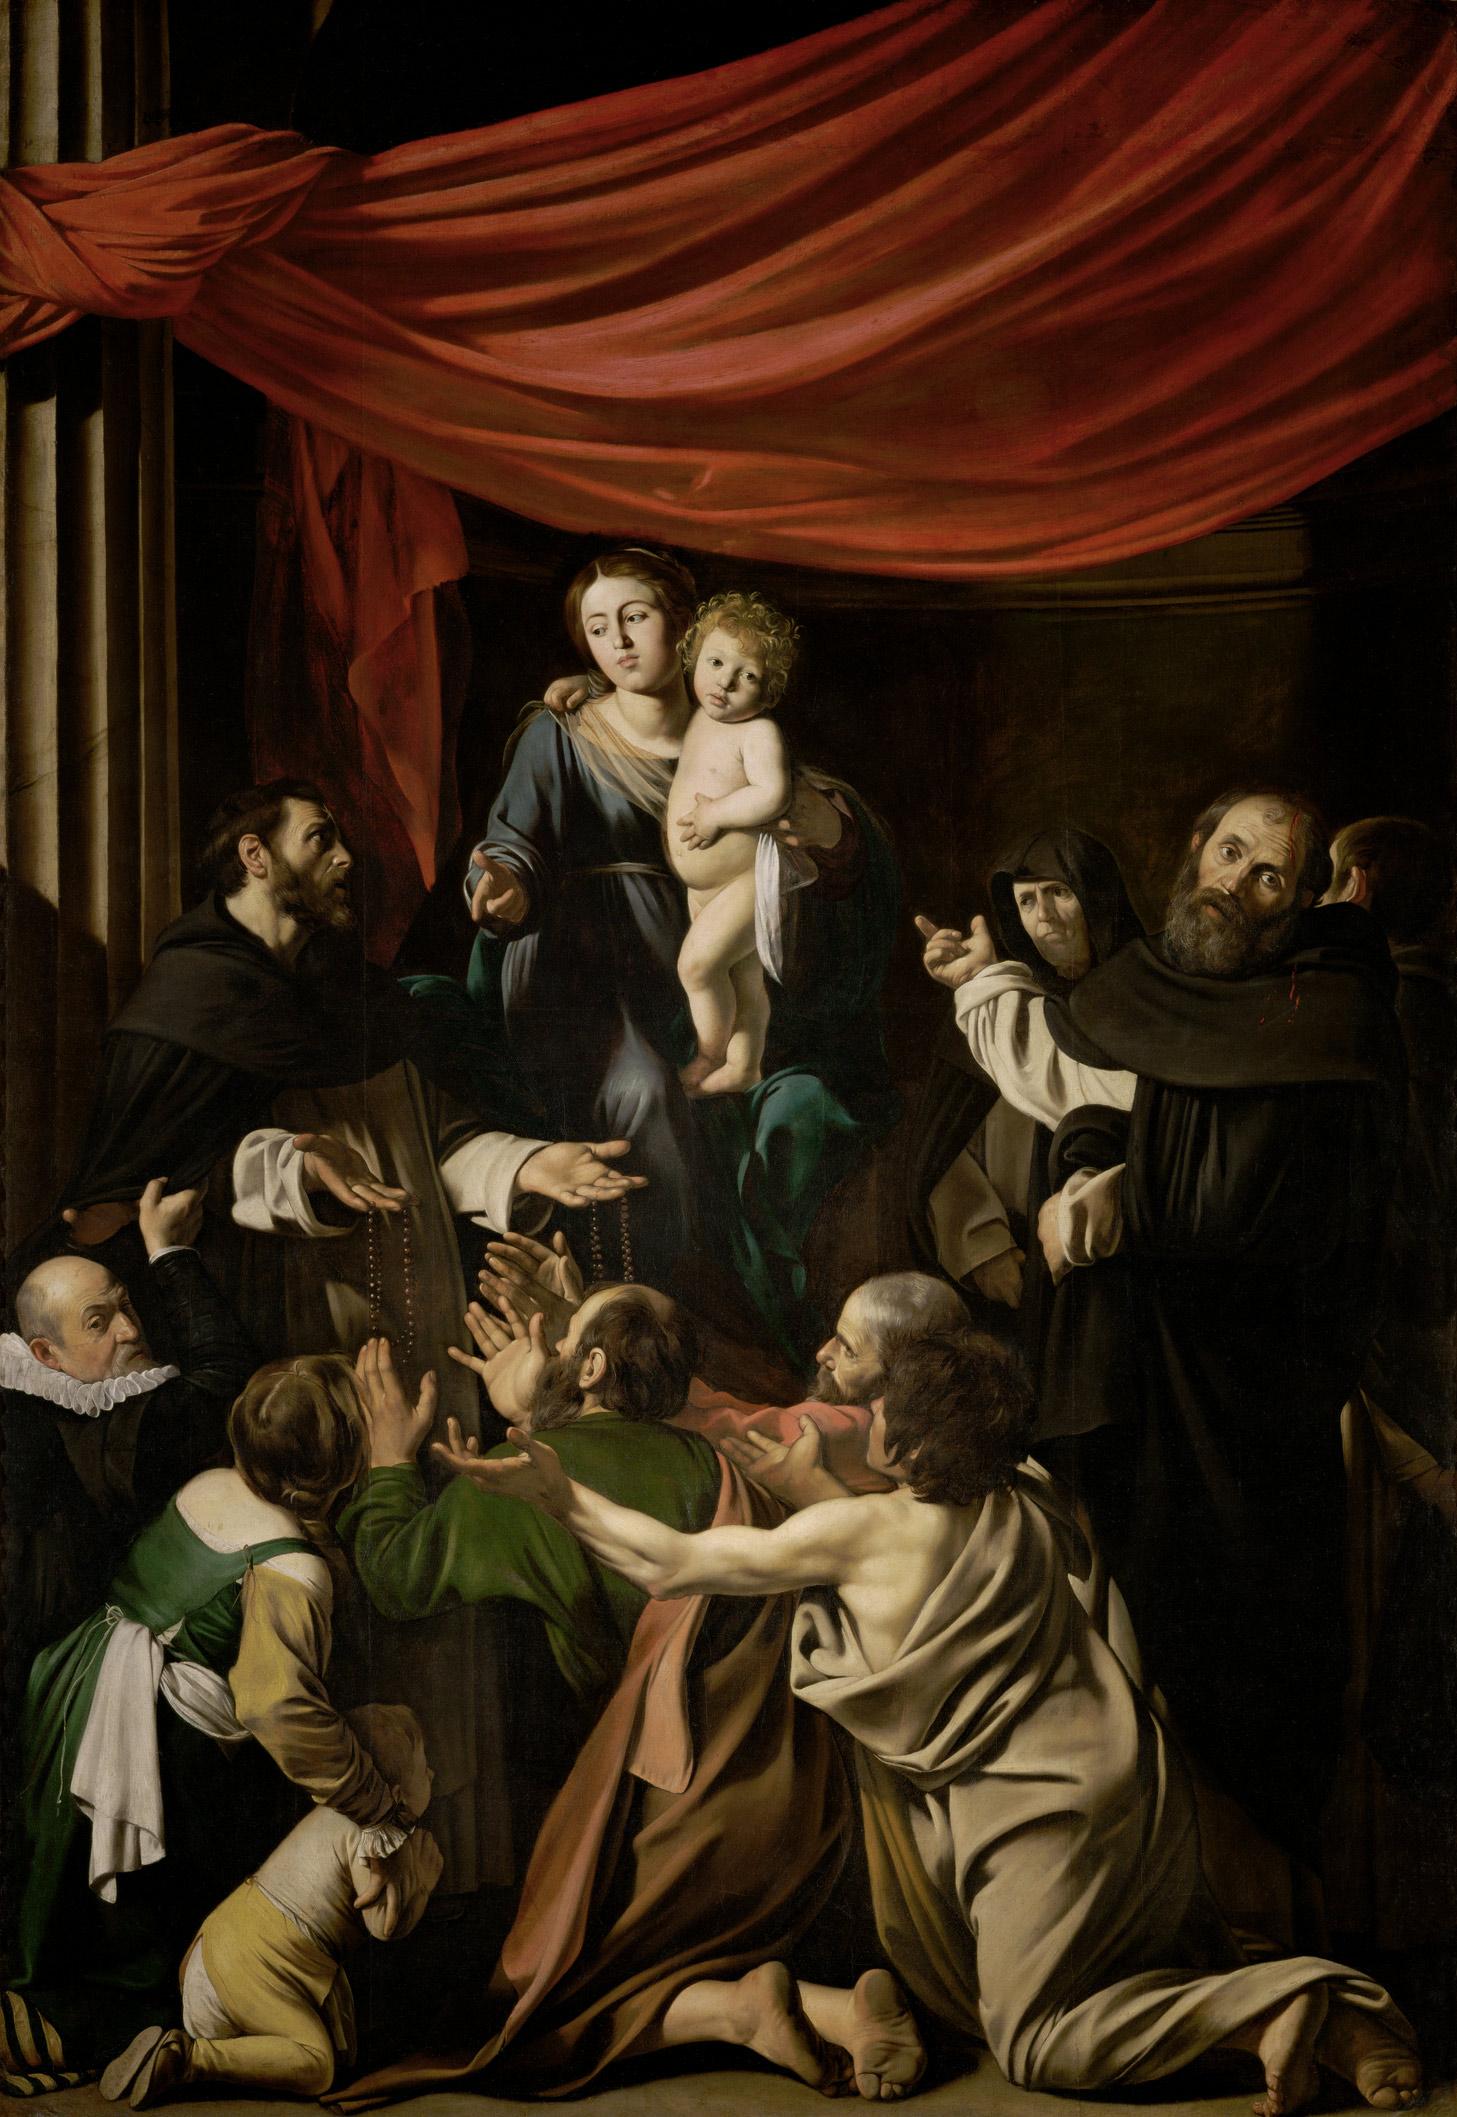 Caravaggio, Madonna del Rosario (1601 circa; olio su tela, 364,5 x 249,5 cm; Vienna, Kunsthistorisches Museum)